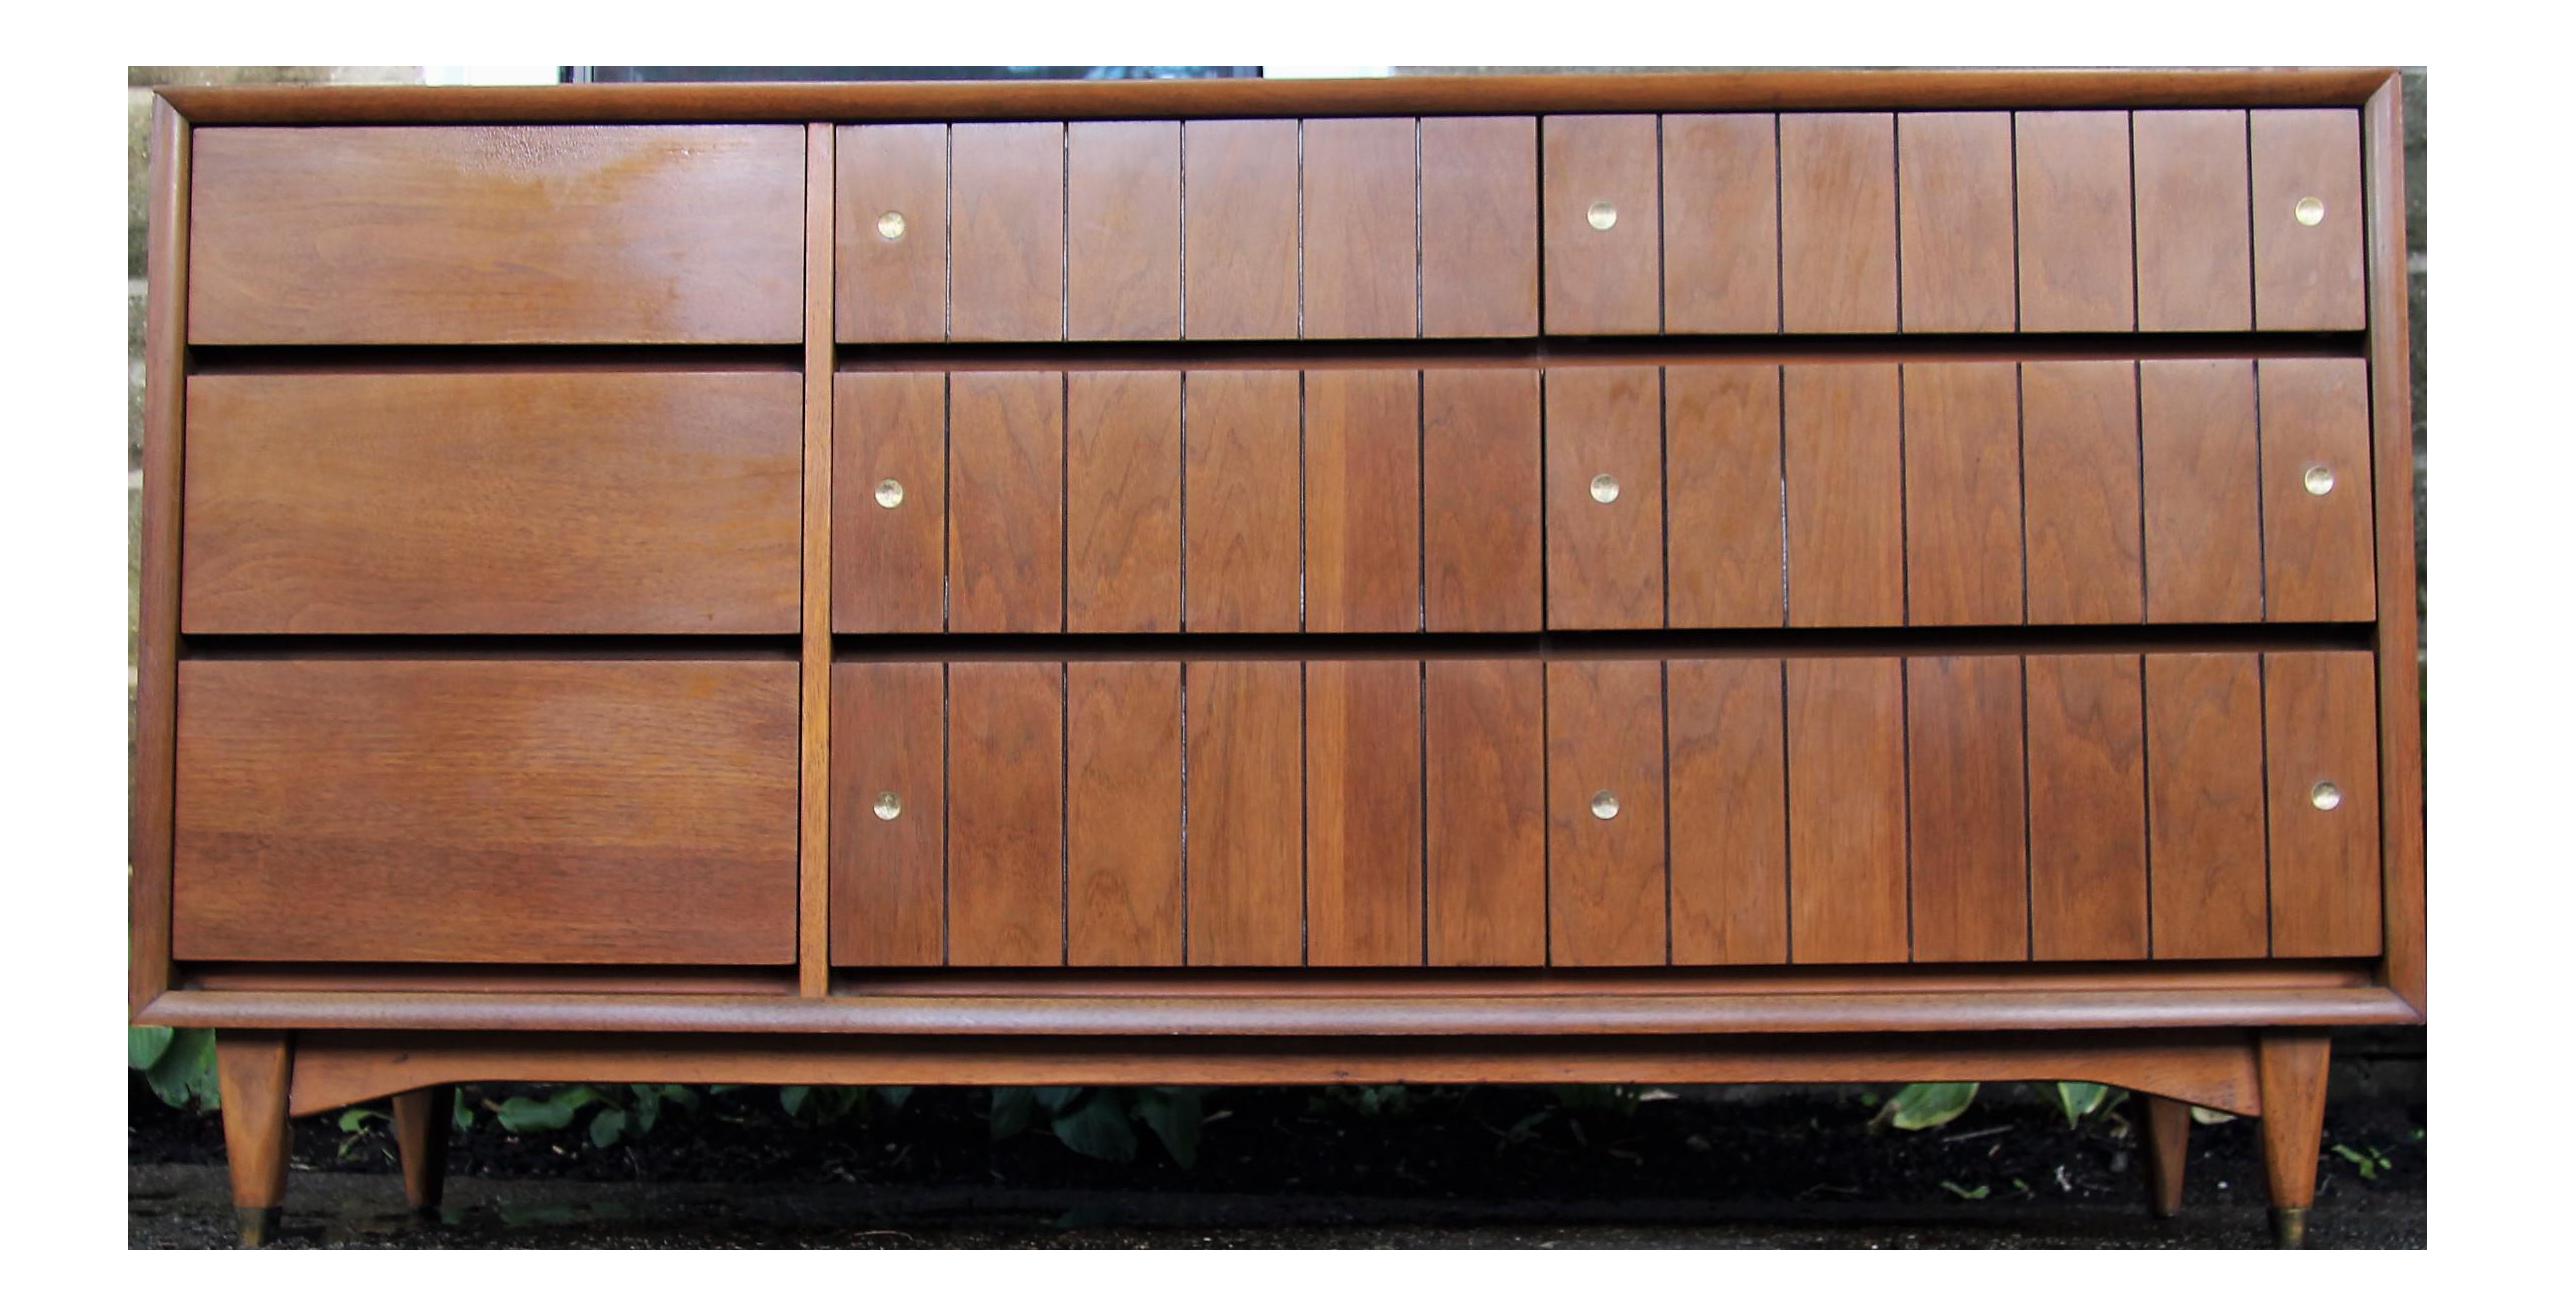 Kroehler Furniture Mid Century Credenza